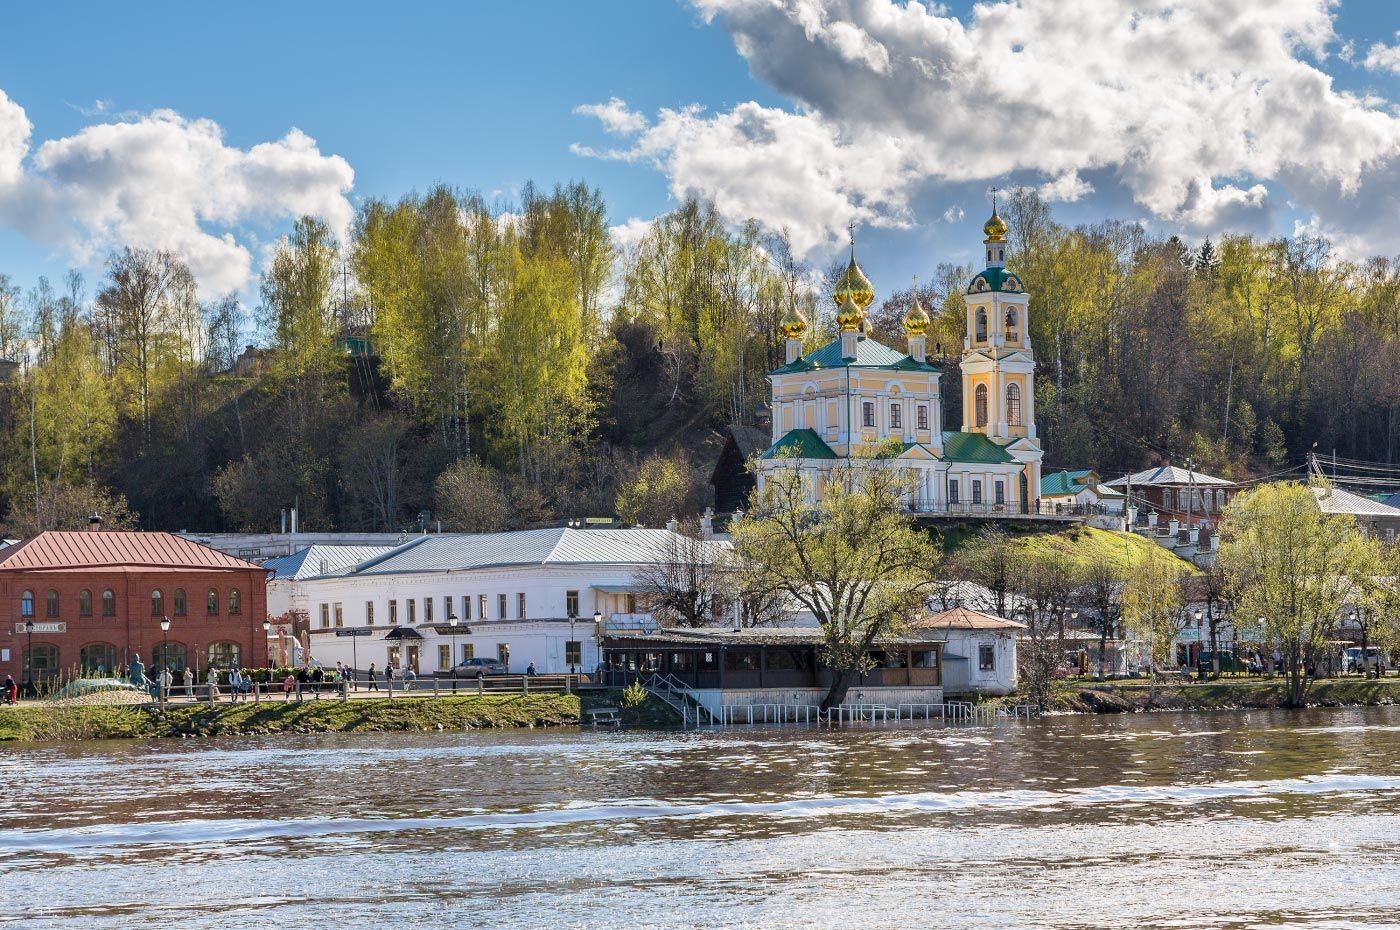 Весенний Плёс... старина церковь храм небо река весна Волга Плёс